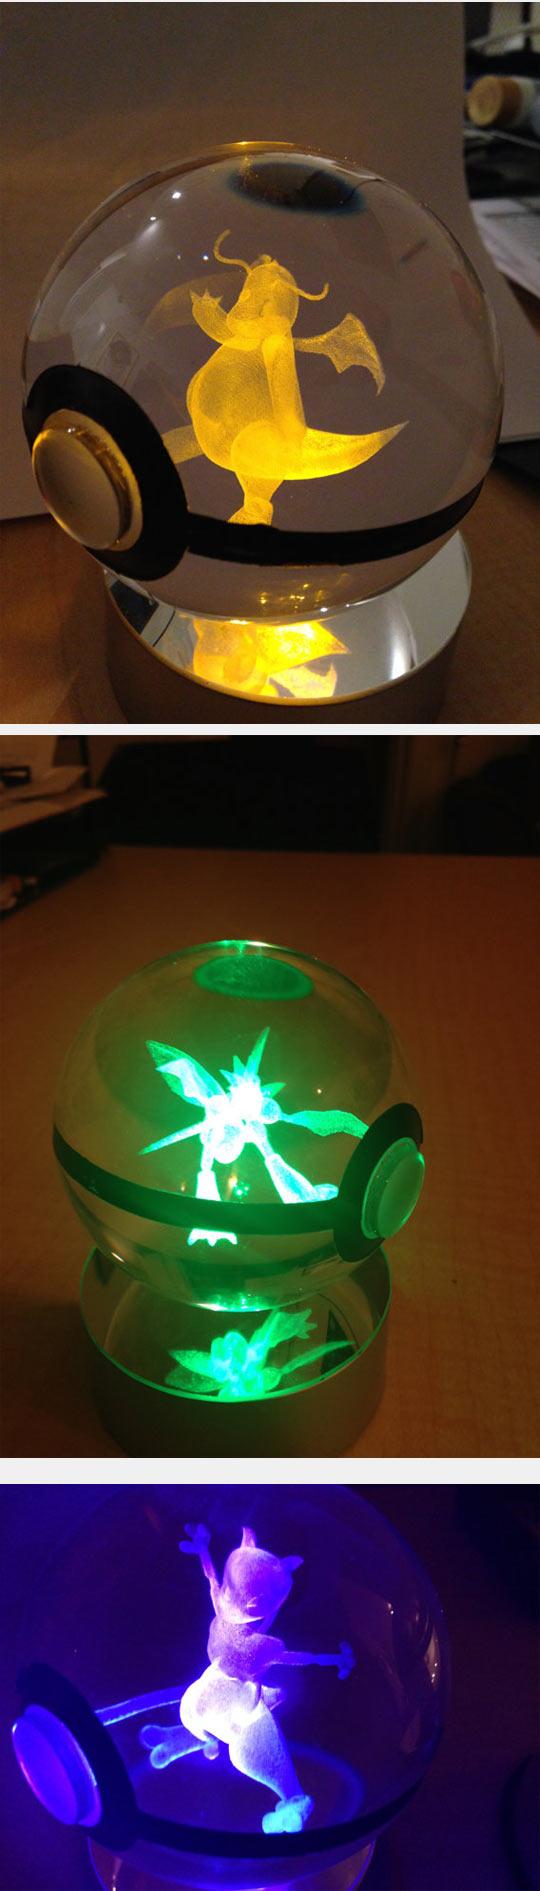 funny-crystal-Pokemon-Pokeballs-light-sphere